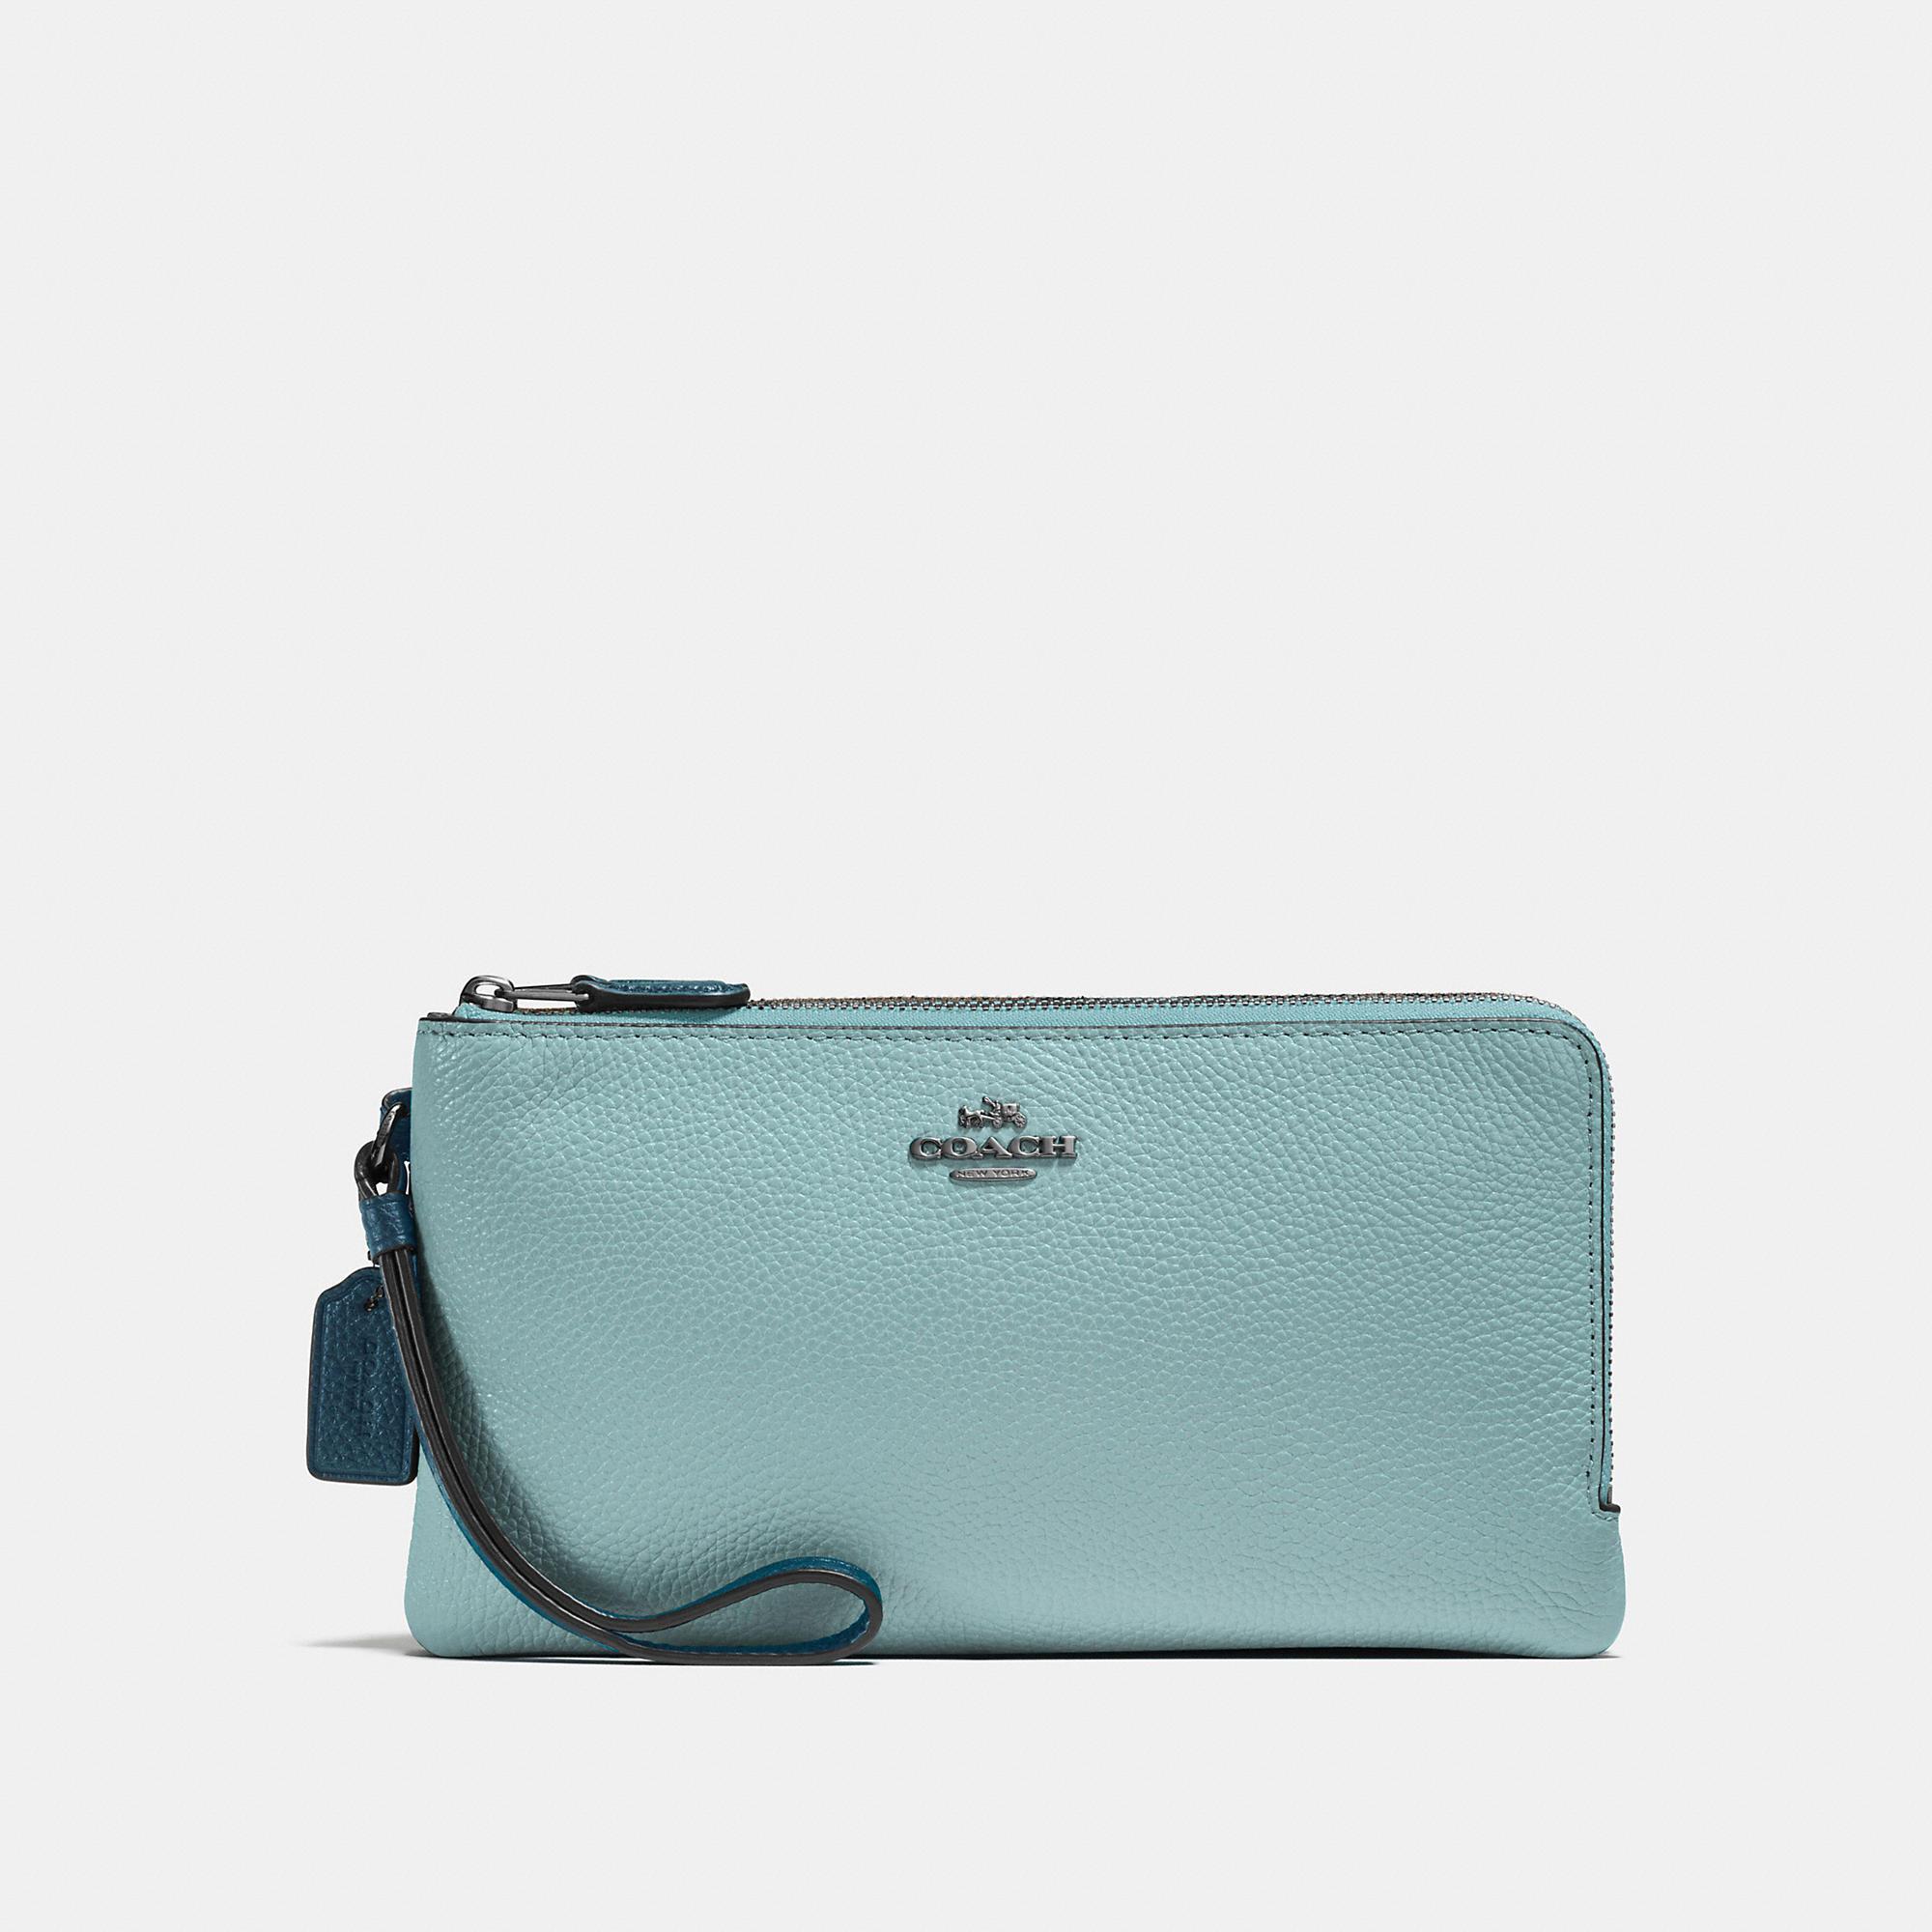 Coach Double Zip Wallet In Colorblock